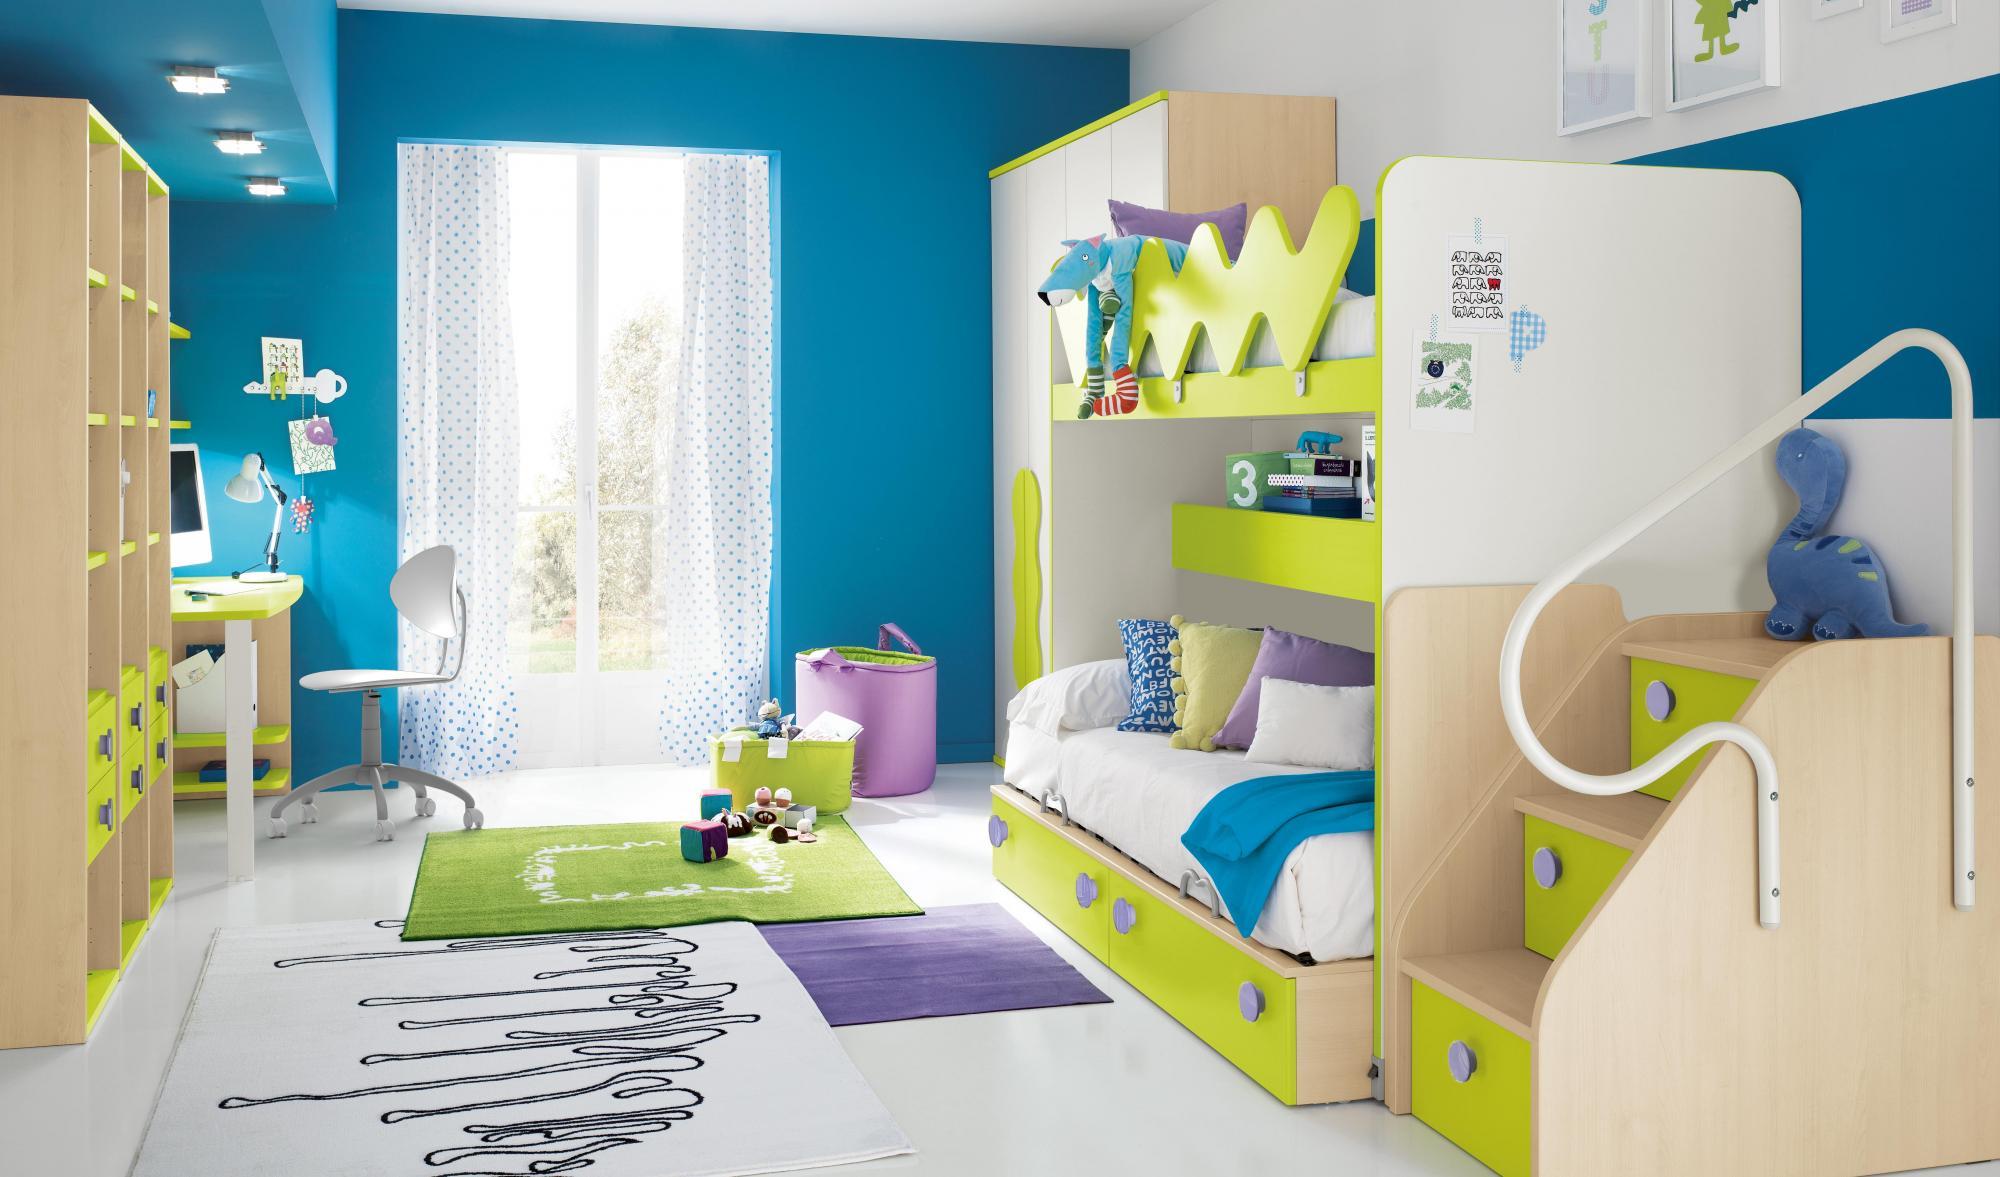 Как расставить мебель в детской для двоих детей